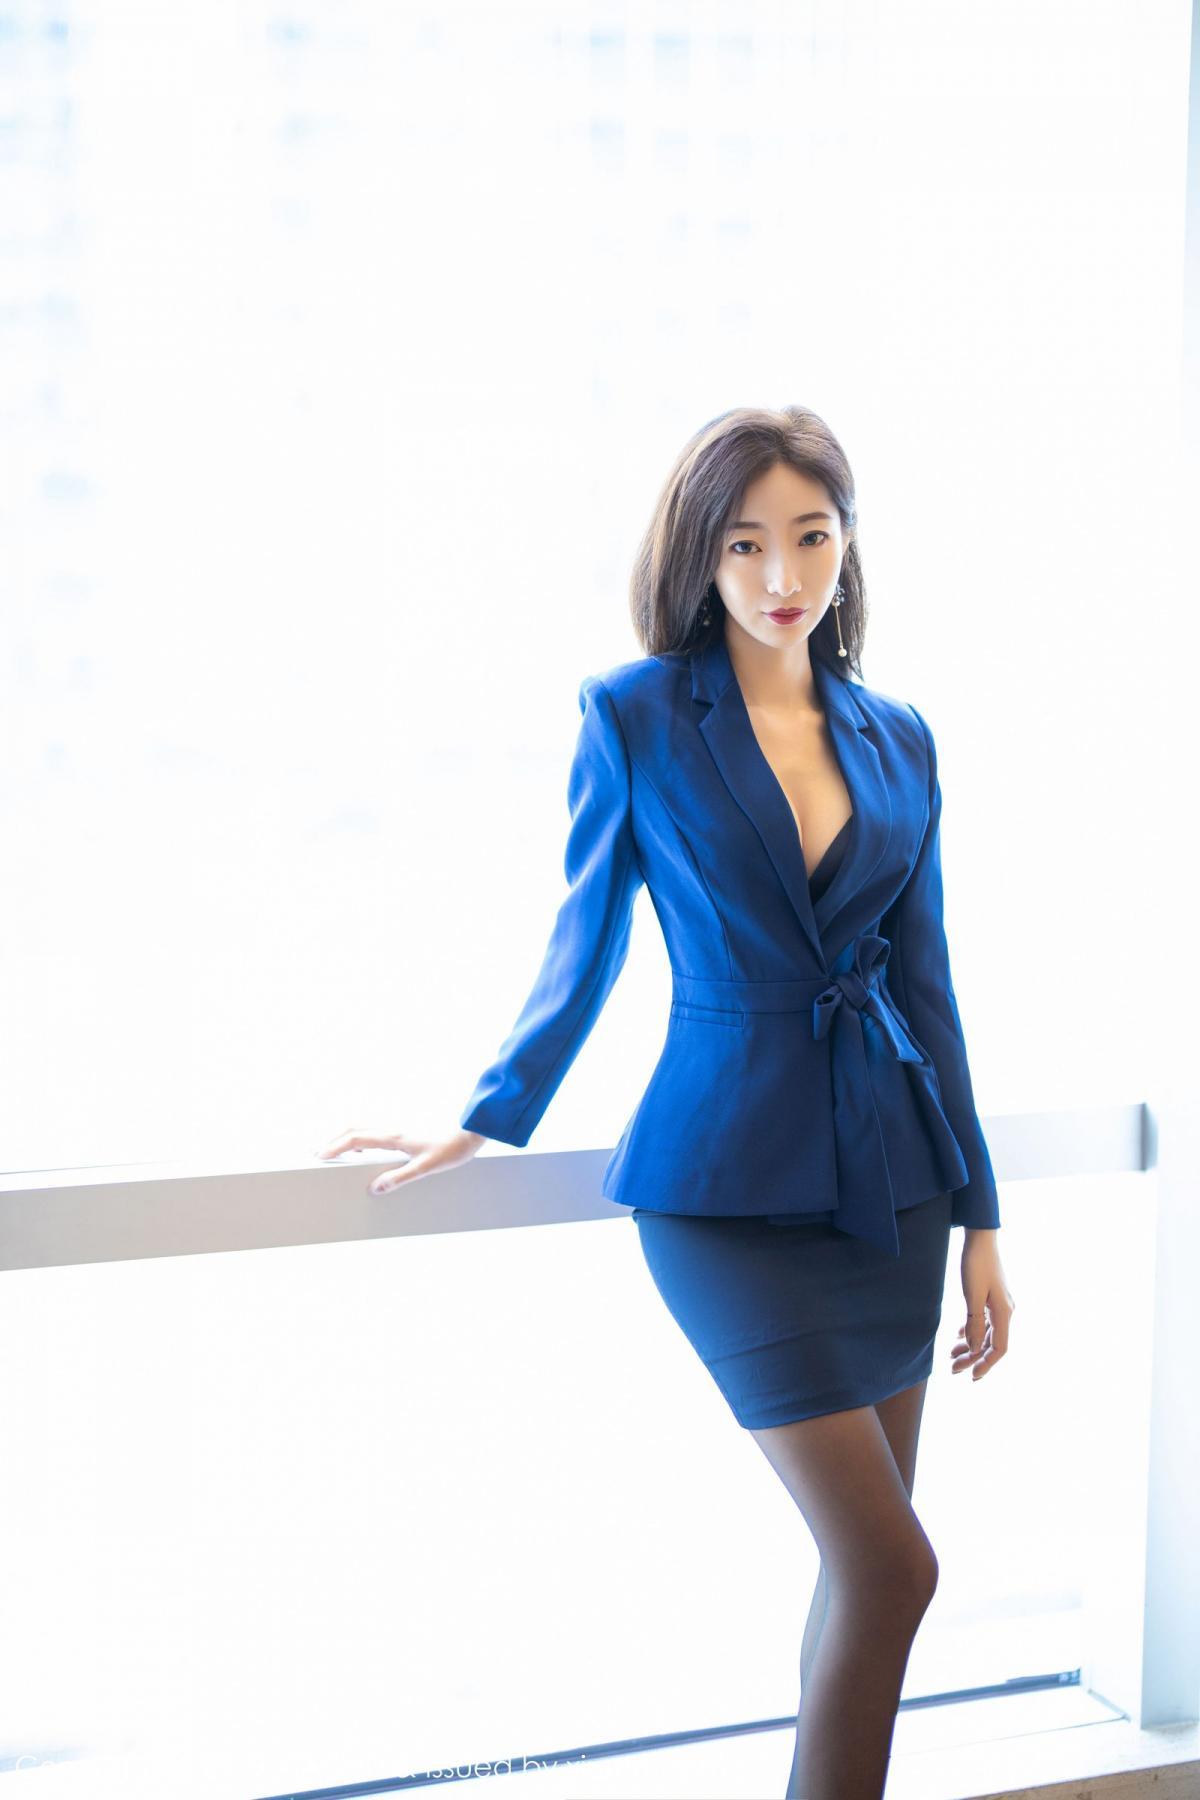 [XiaoYu] Vol.203 An Qi Yee 8P, An Qi Yee, Black Silk, Tall, Uniform, XiaoYu